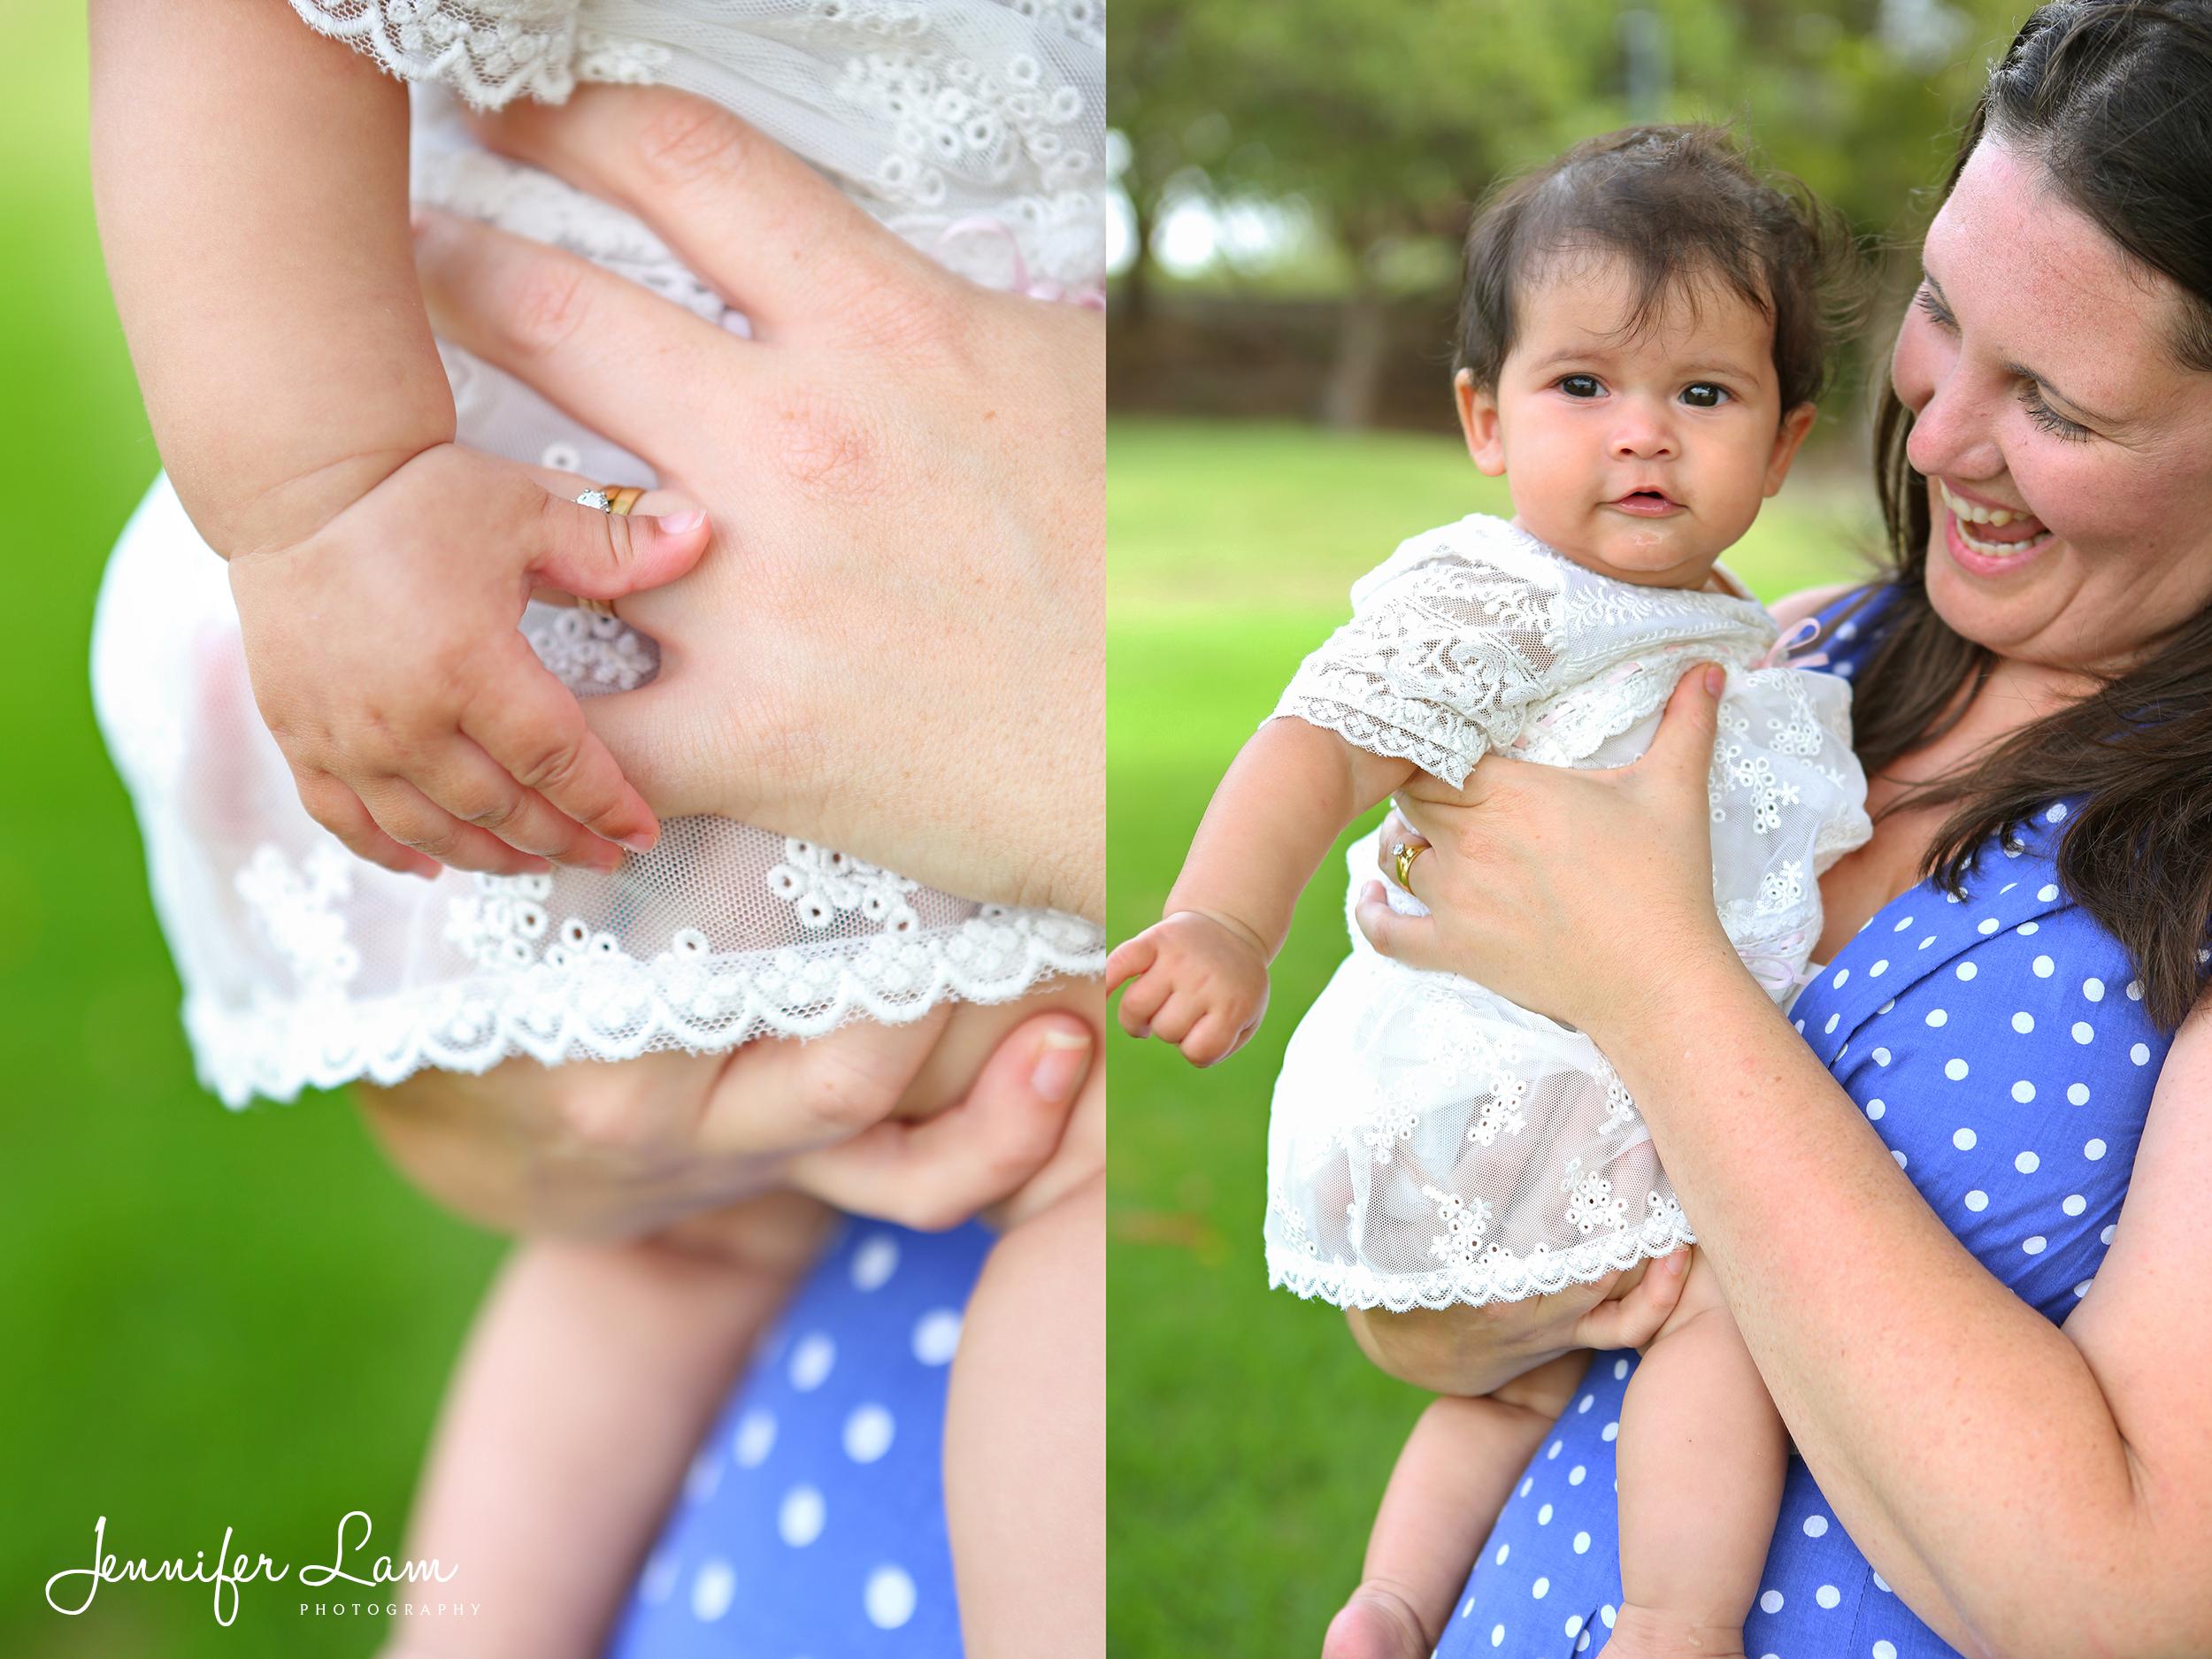 Sugunananthan Family _ By Jennifer Lam Photography (31a).jpg